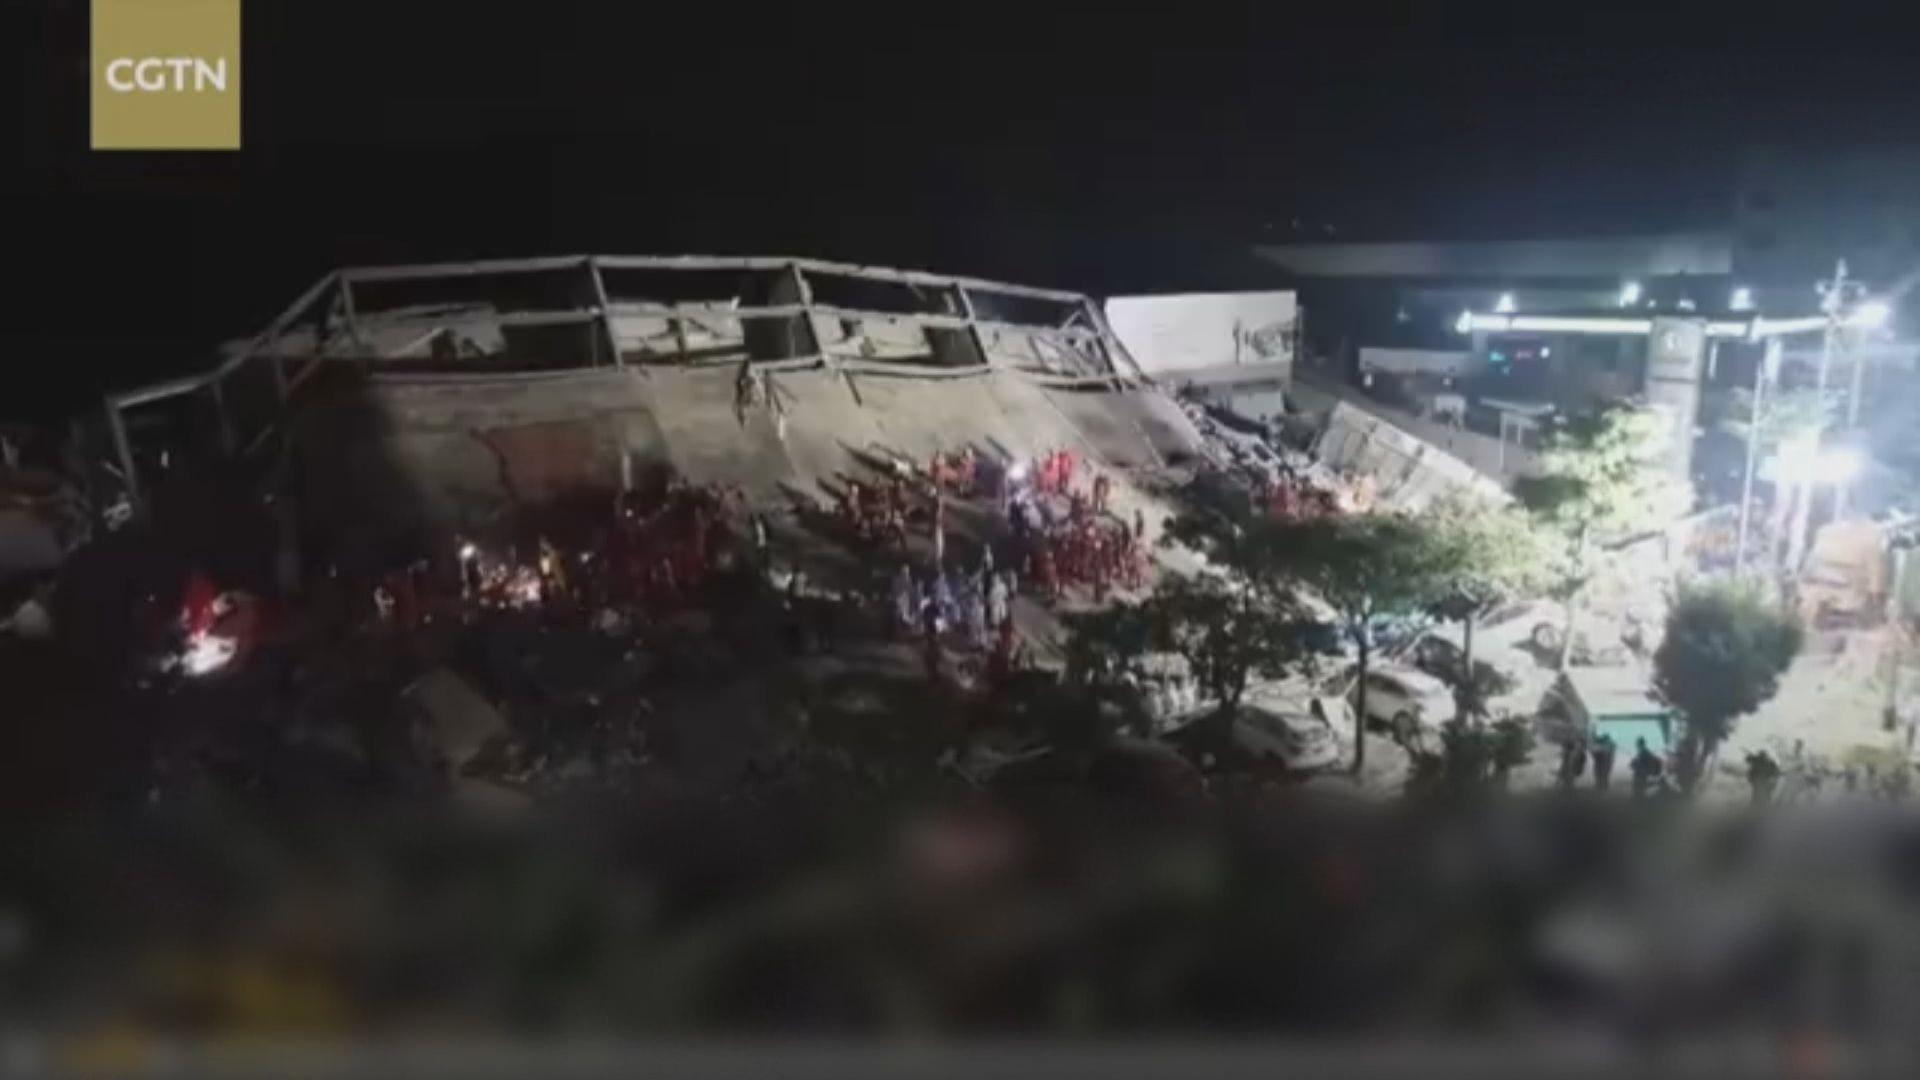 福建泉州欣佳酒店倒塌事故增至20死